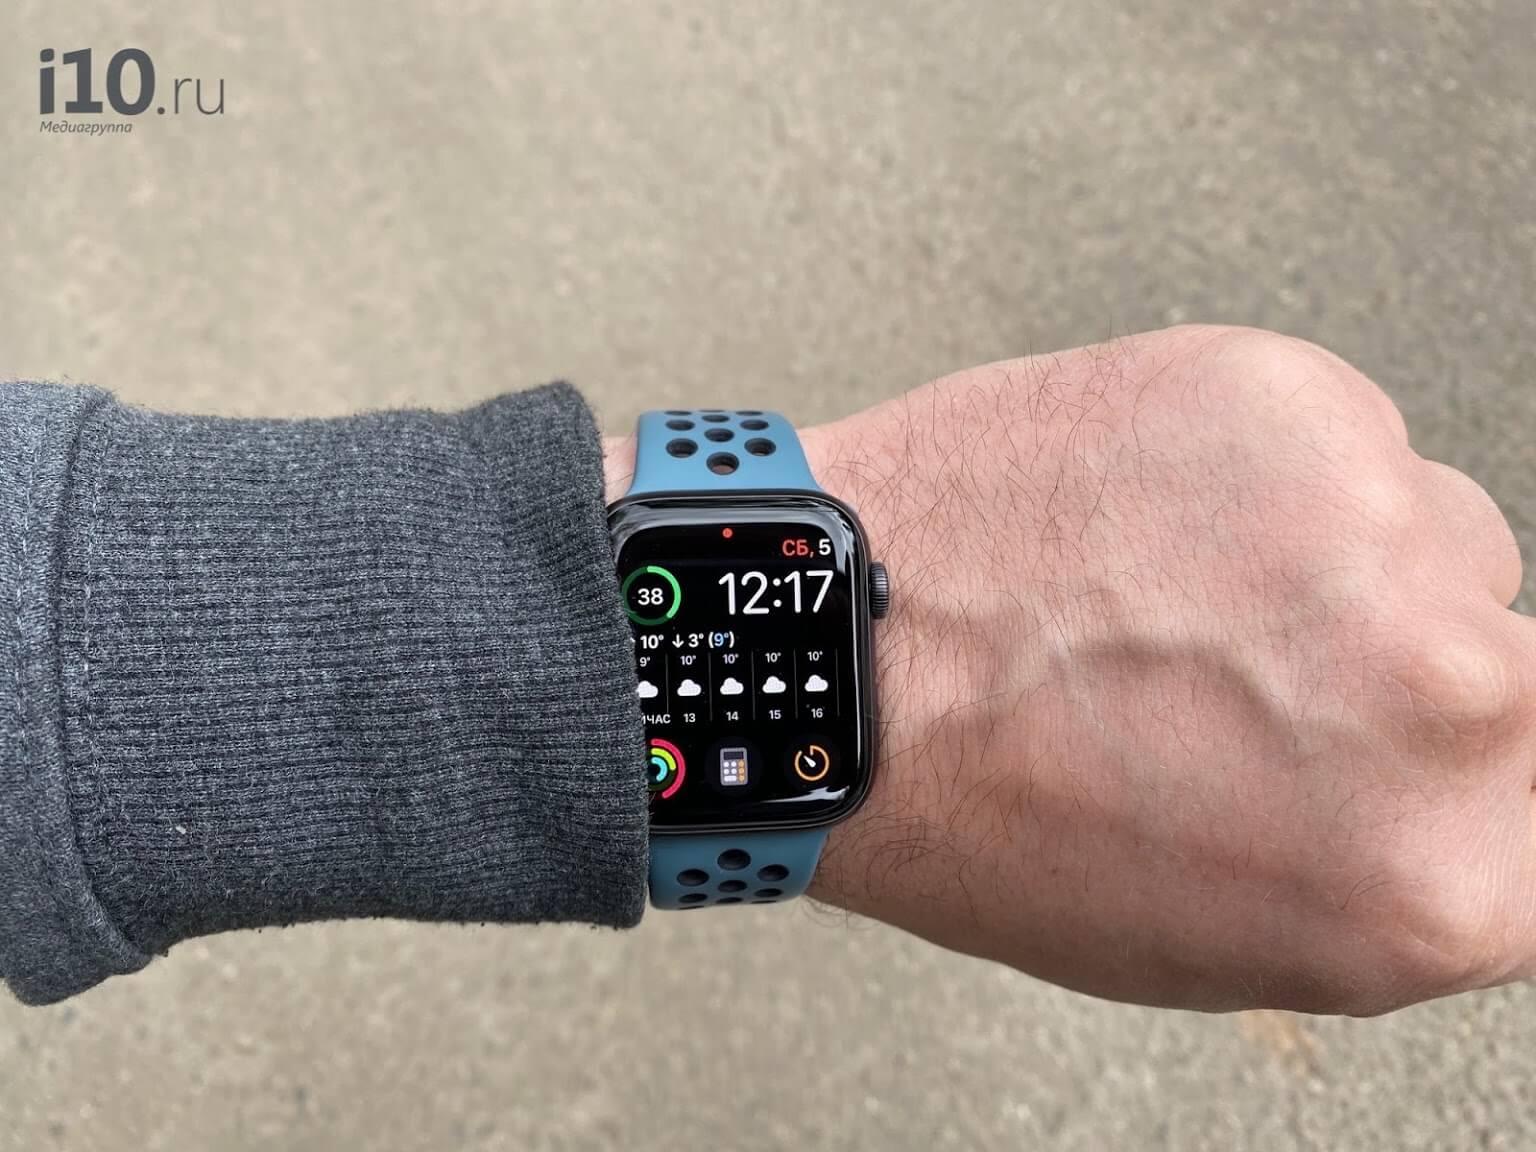 Каждый второй покупатель выбирает Apple Watch. Но Samsung не отступает